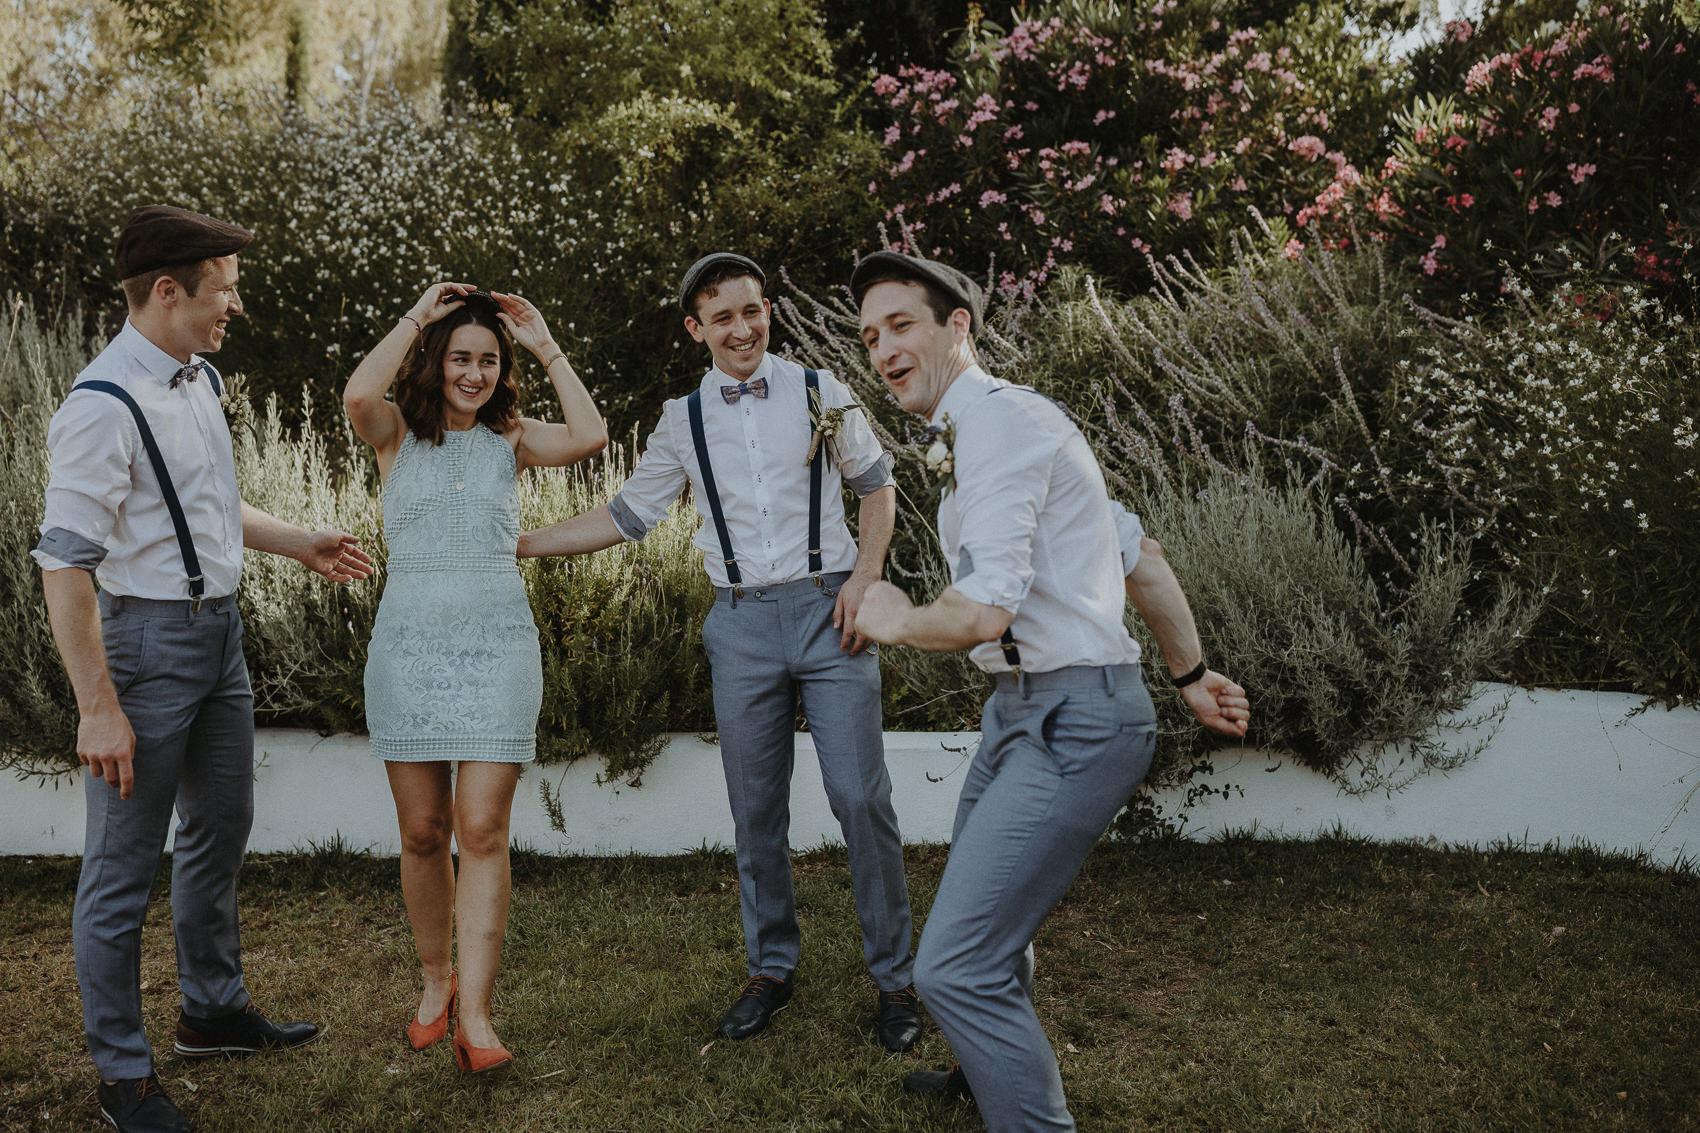 Sarah & Bill | Summer wedding at Cortijo Rosa Blanca | Marbella - Spain 106